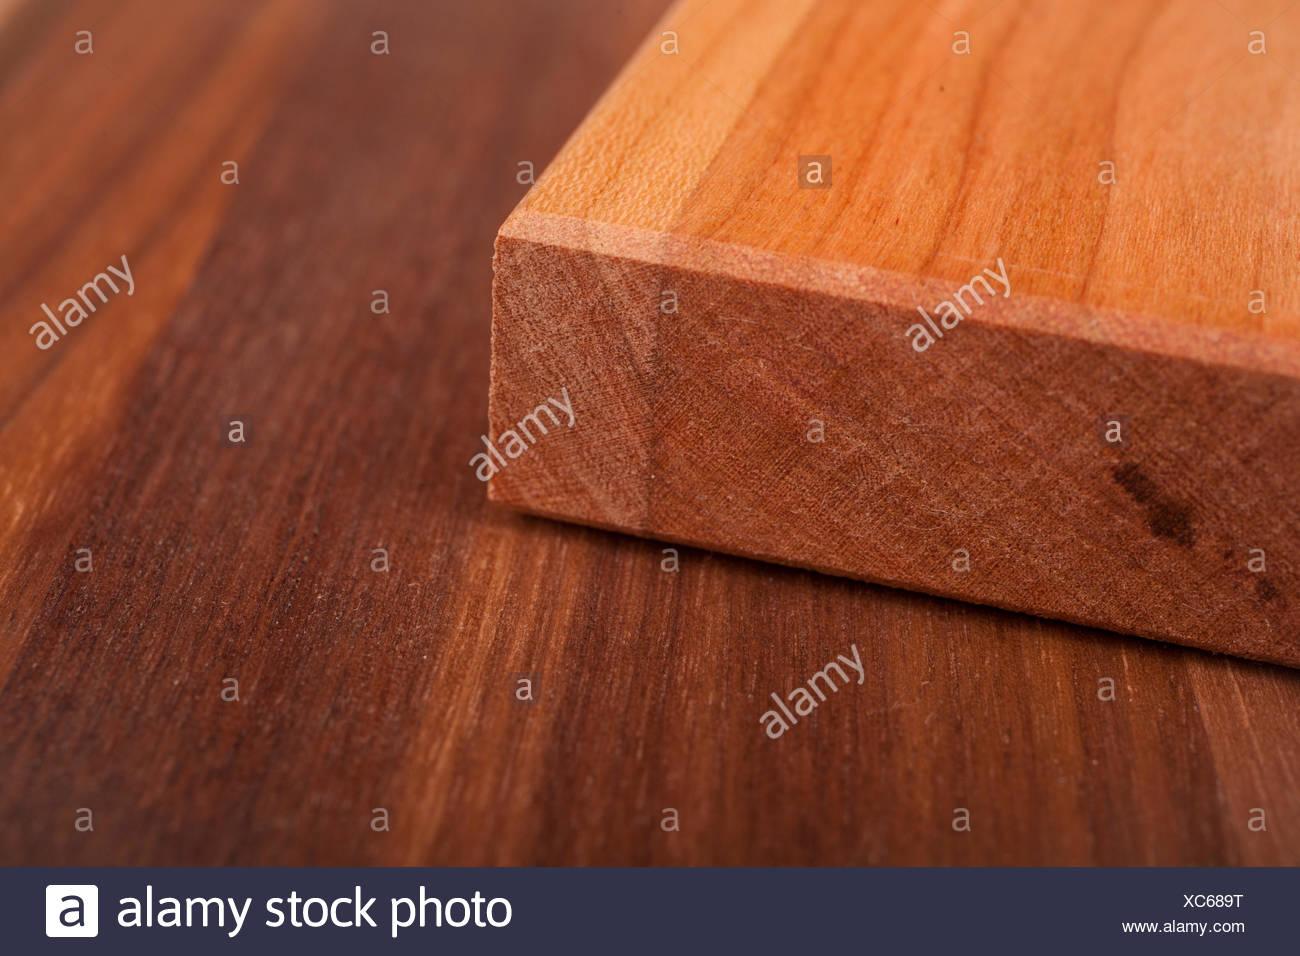 wood pattern cherry walnut - Stock Image